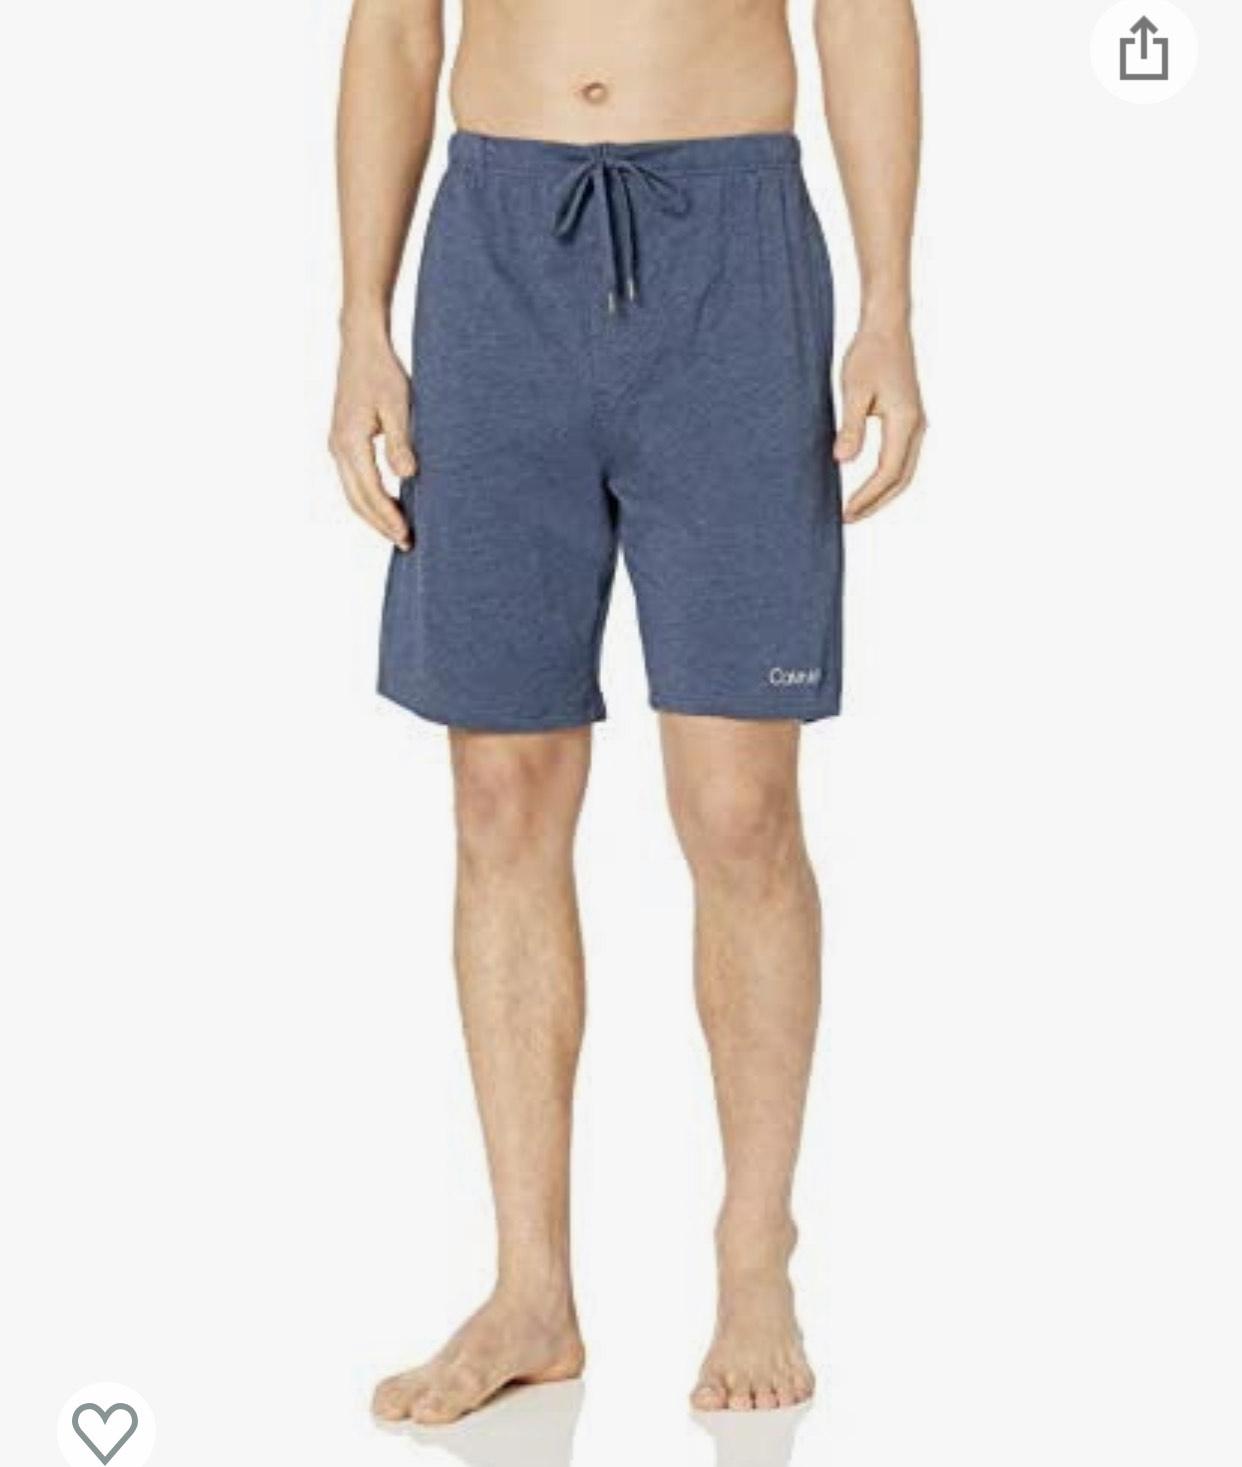 Amazon: Shorts de algodon Calvin Klein talla G (tambien hay M en gris)